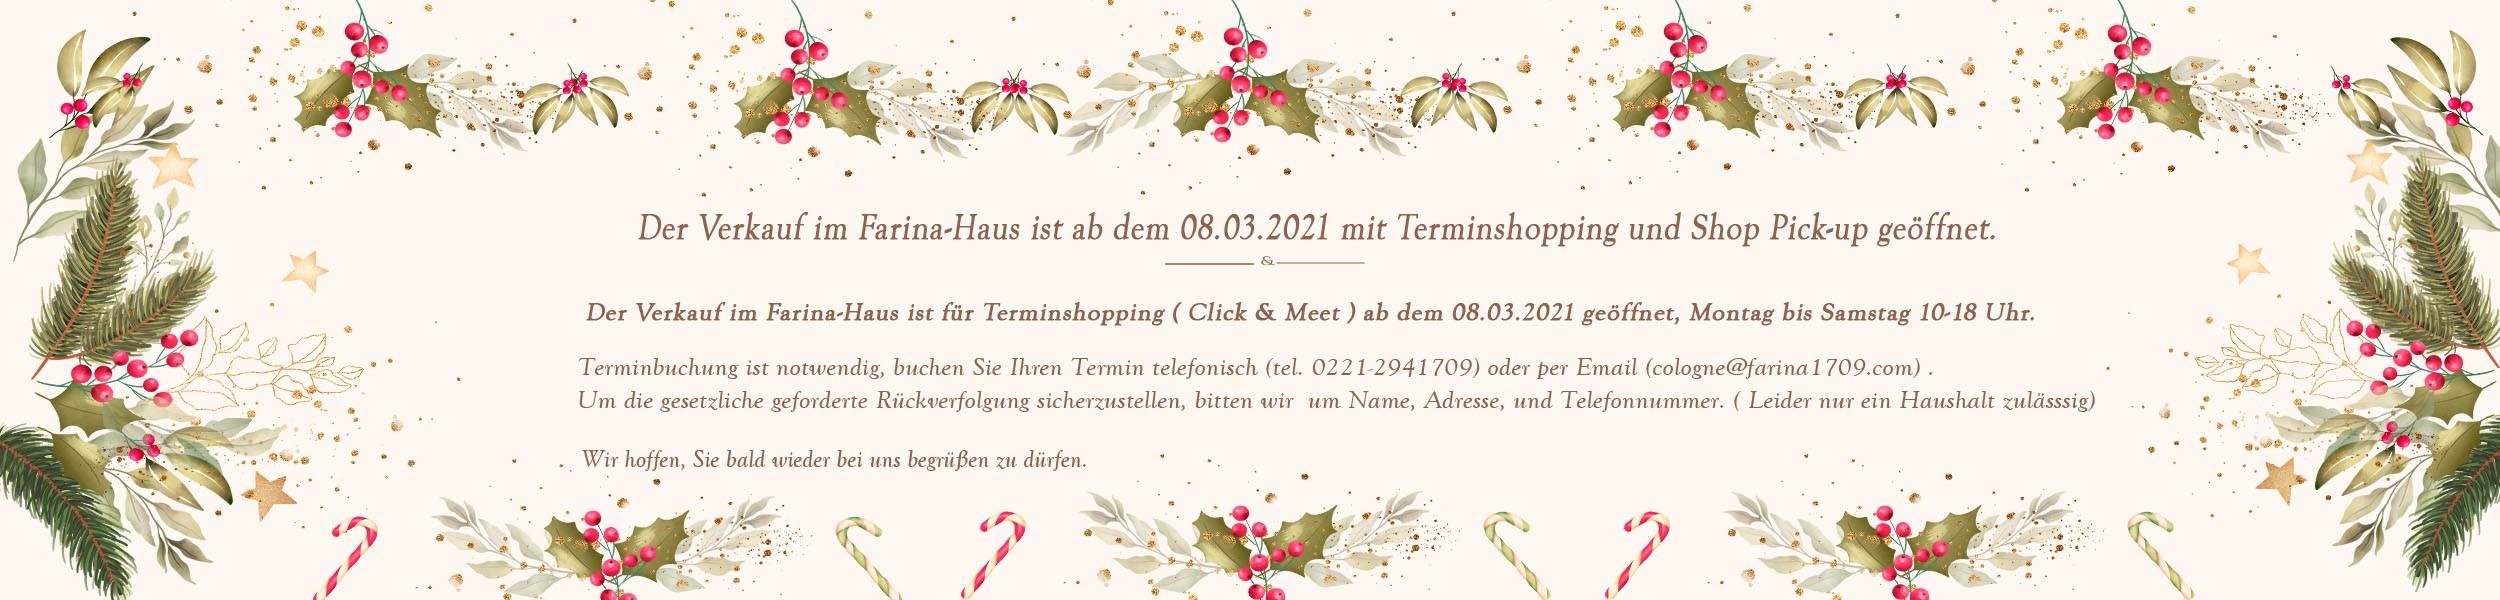 Terminshopping (Click&Meet)